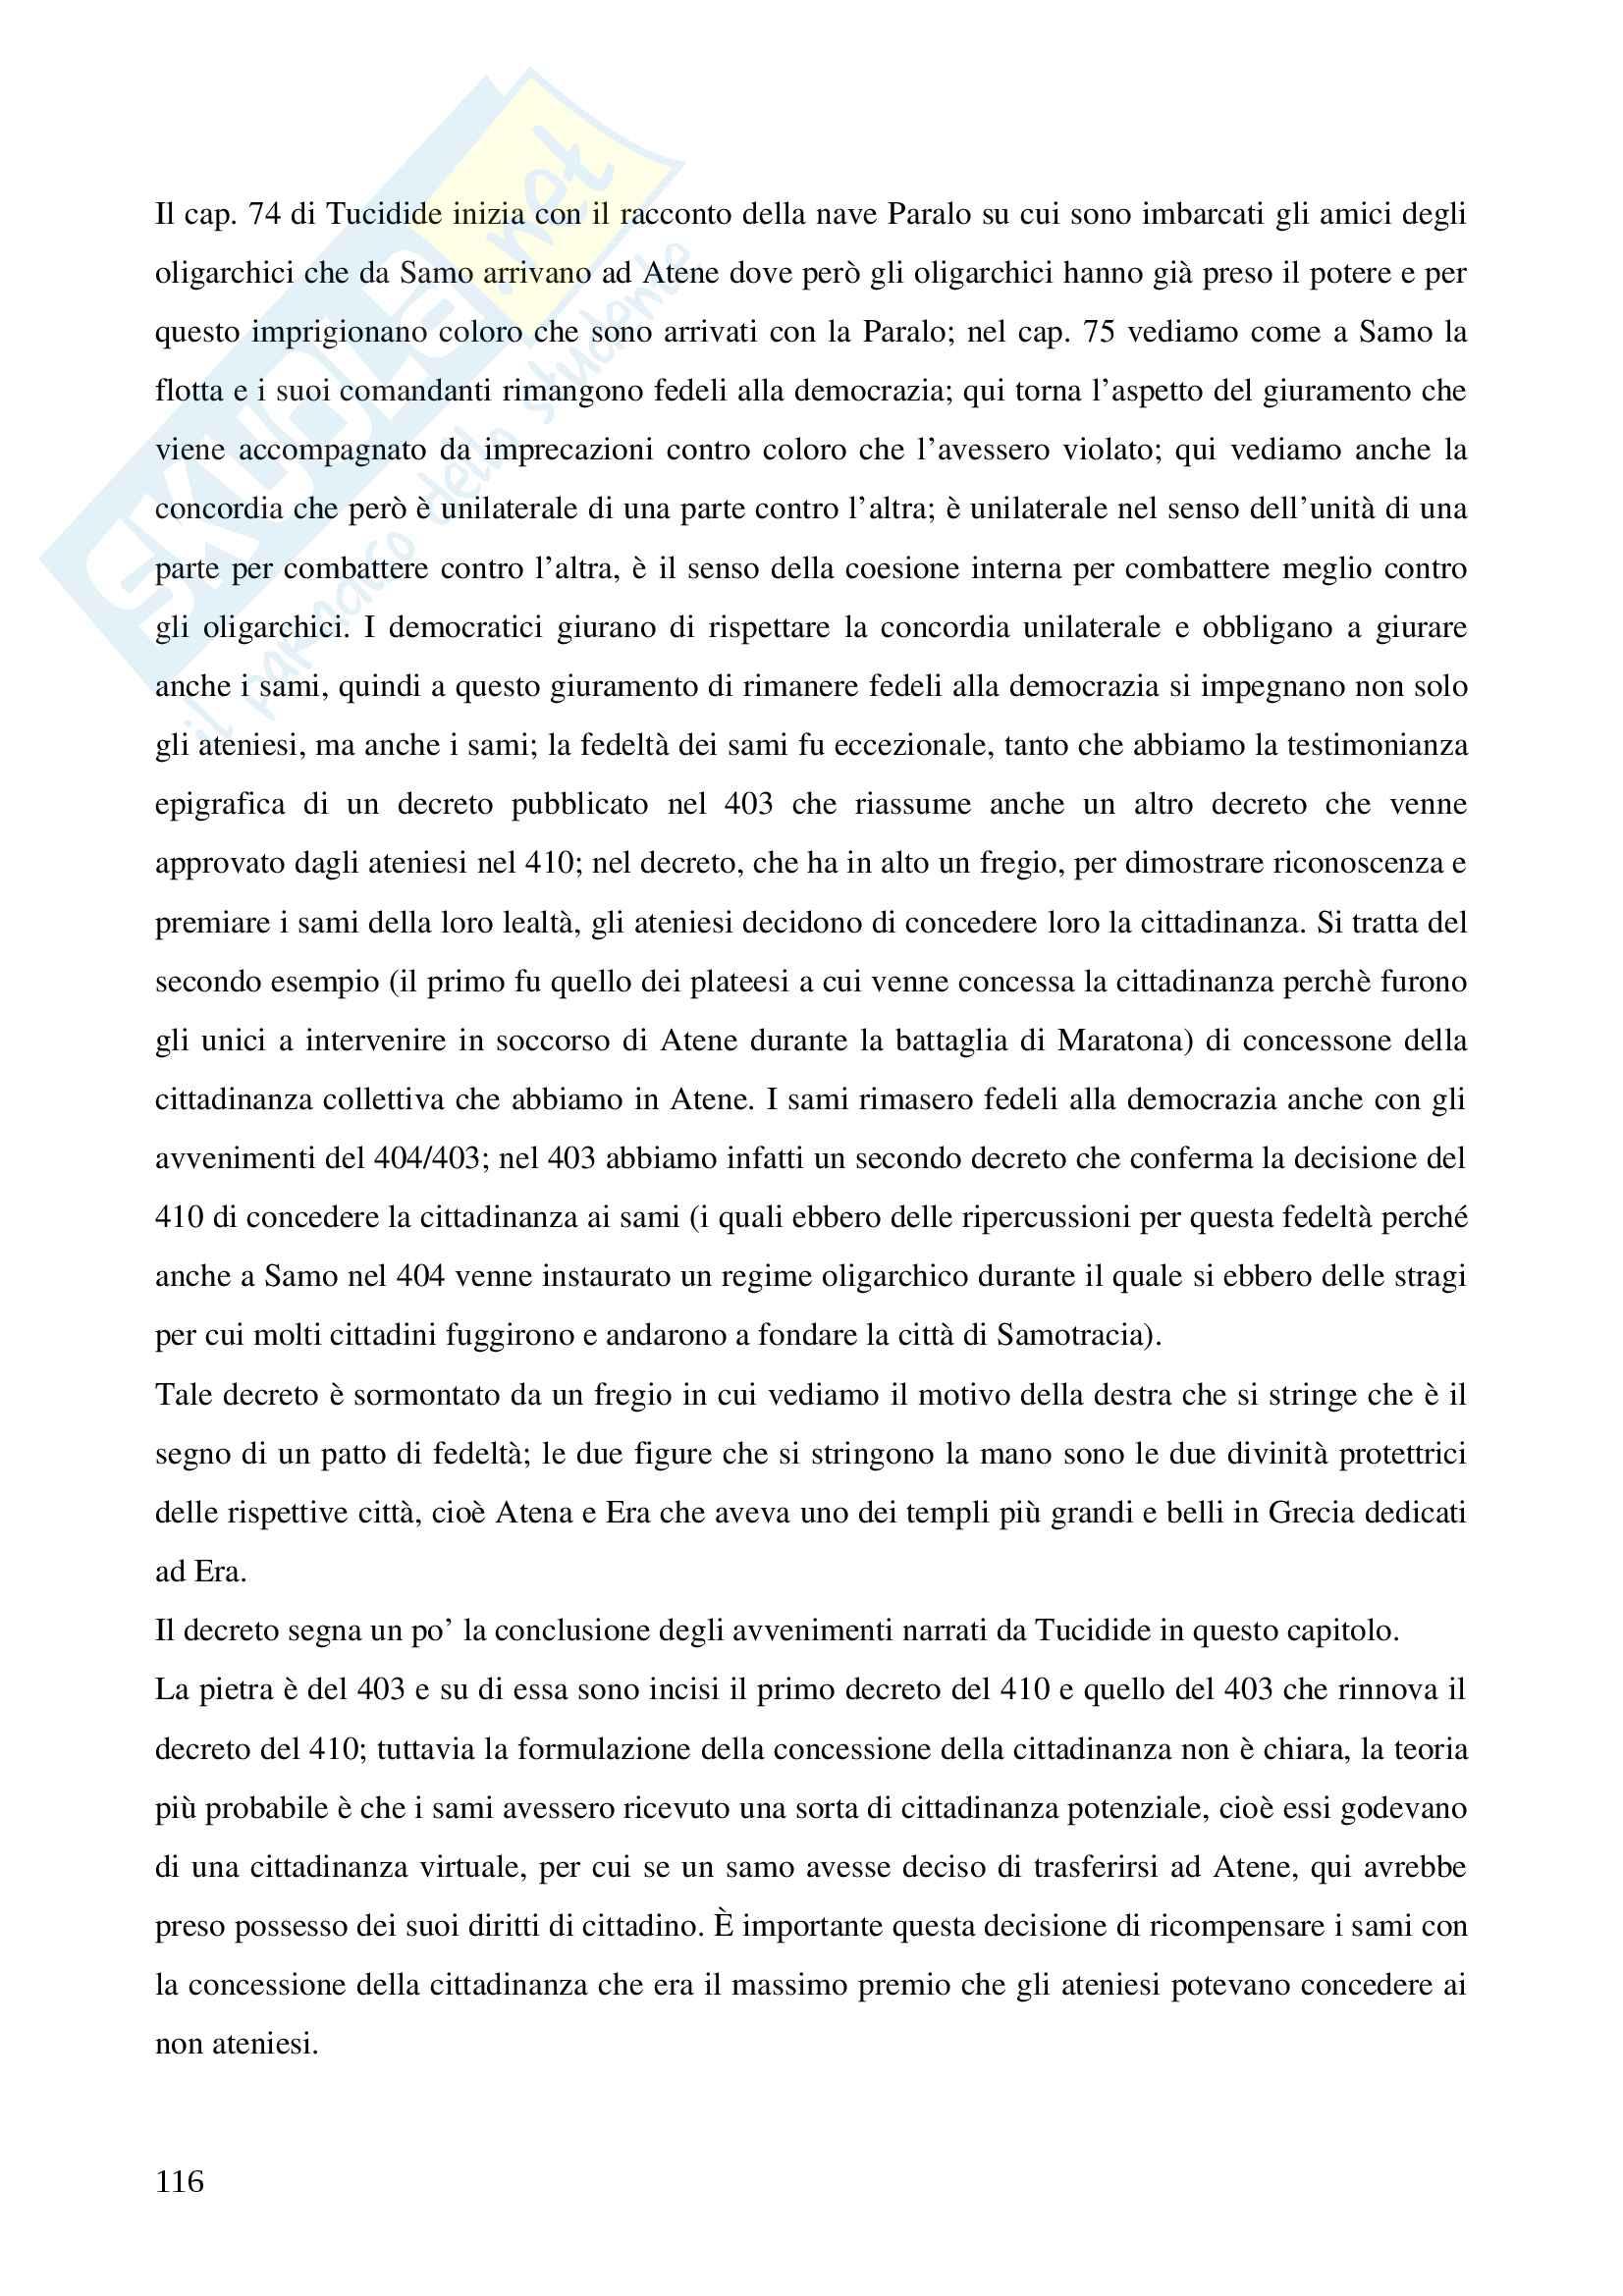 Storia greca, triennale Pag. 116